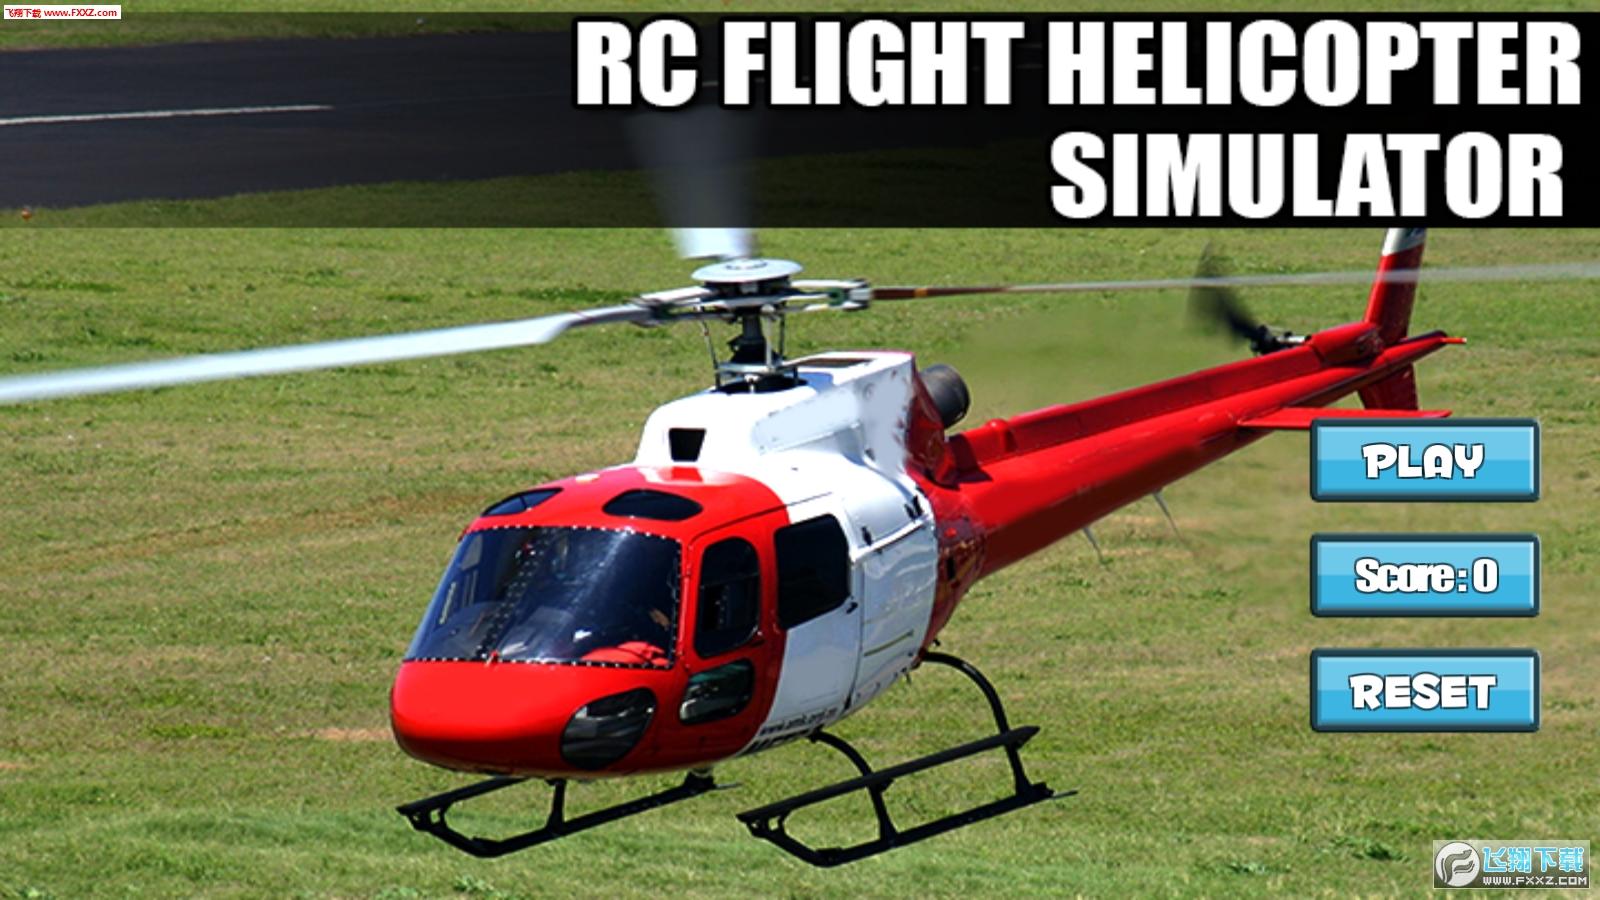 遥控直升机飞行模拟器手游1.0截图1